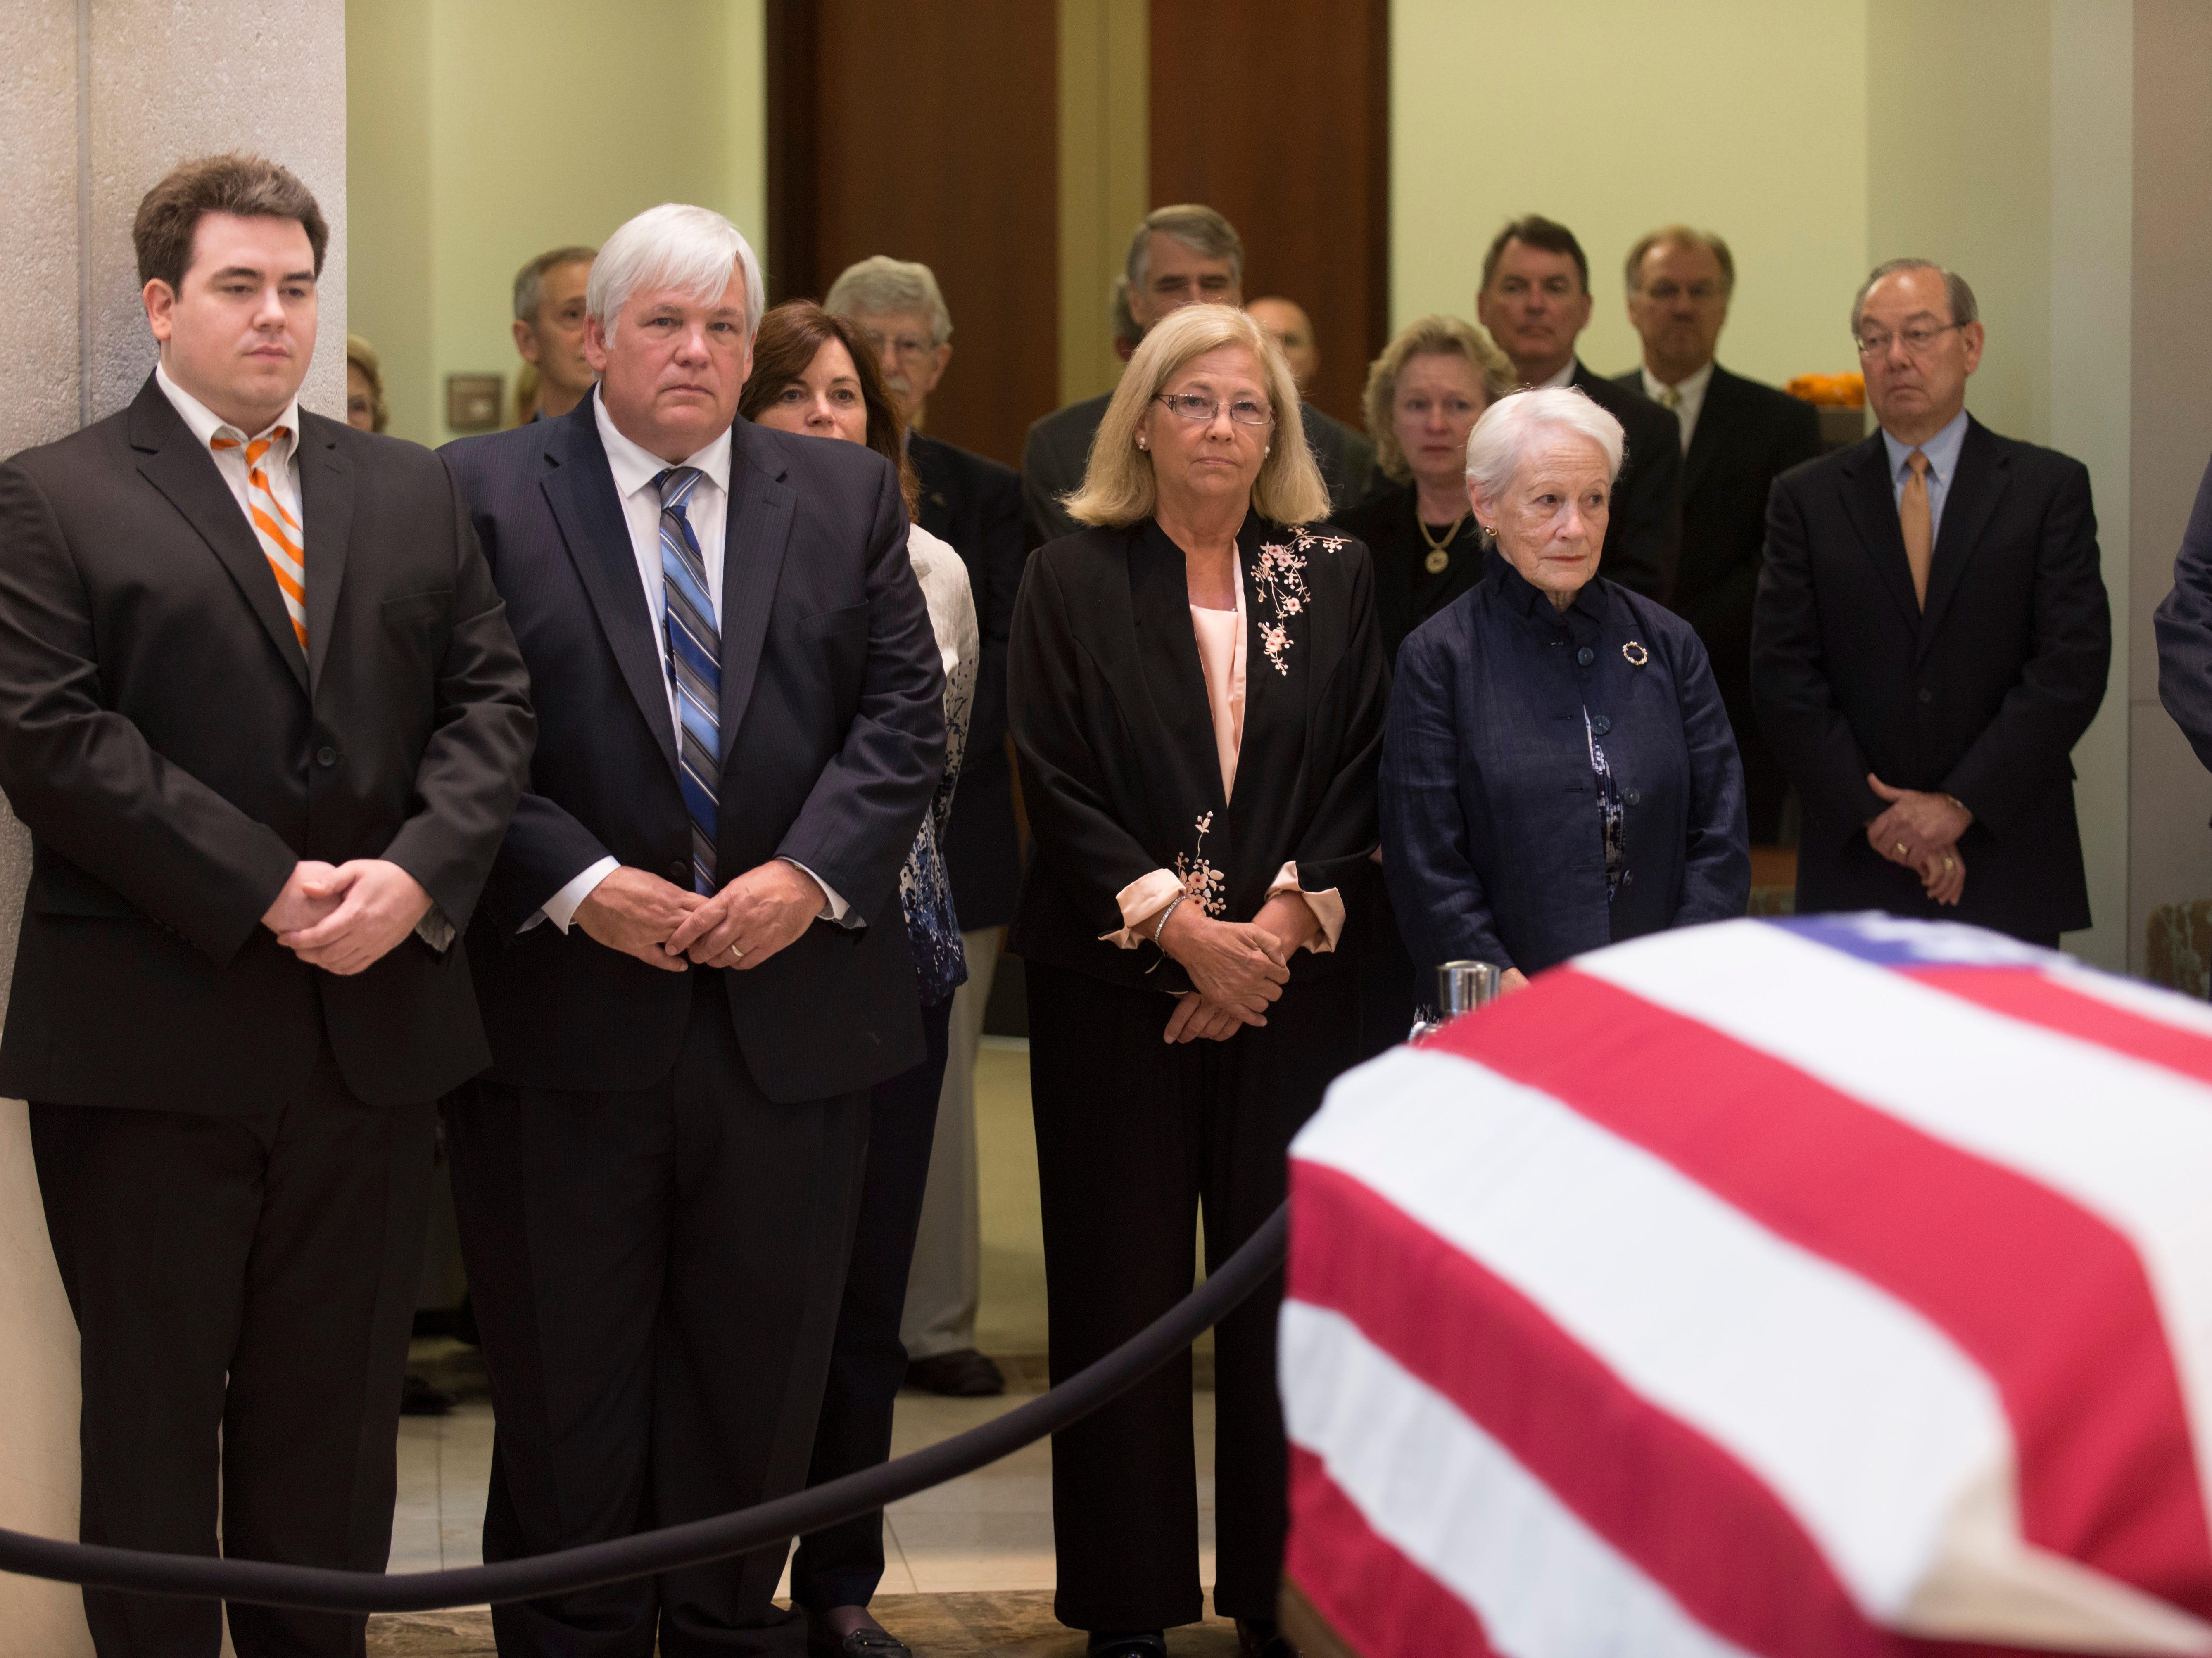 The body of U.S. Sen. Howard H. Baker Jr., lies in repose June 30, 2014, at the Howard H. Baker Jr. Center for Public Policy. Paying their respects are grandson Daniel Baker, left, son Darek Baker, daughter Cissy Baker and former Kansas U.S. Sen. Nancy Kassebaum, Baker's widow.